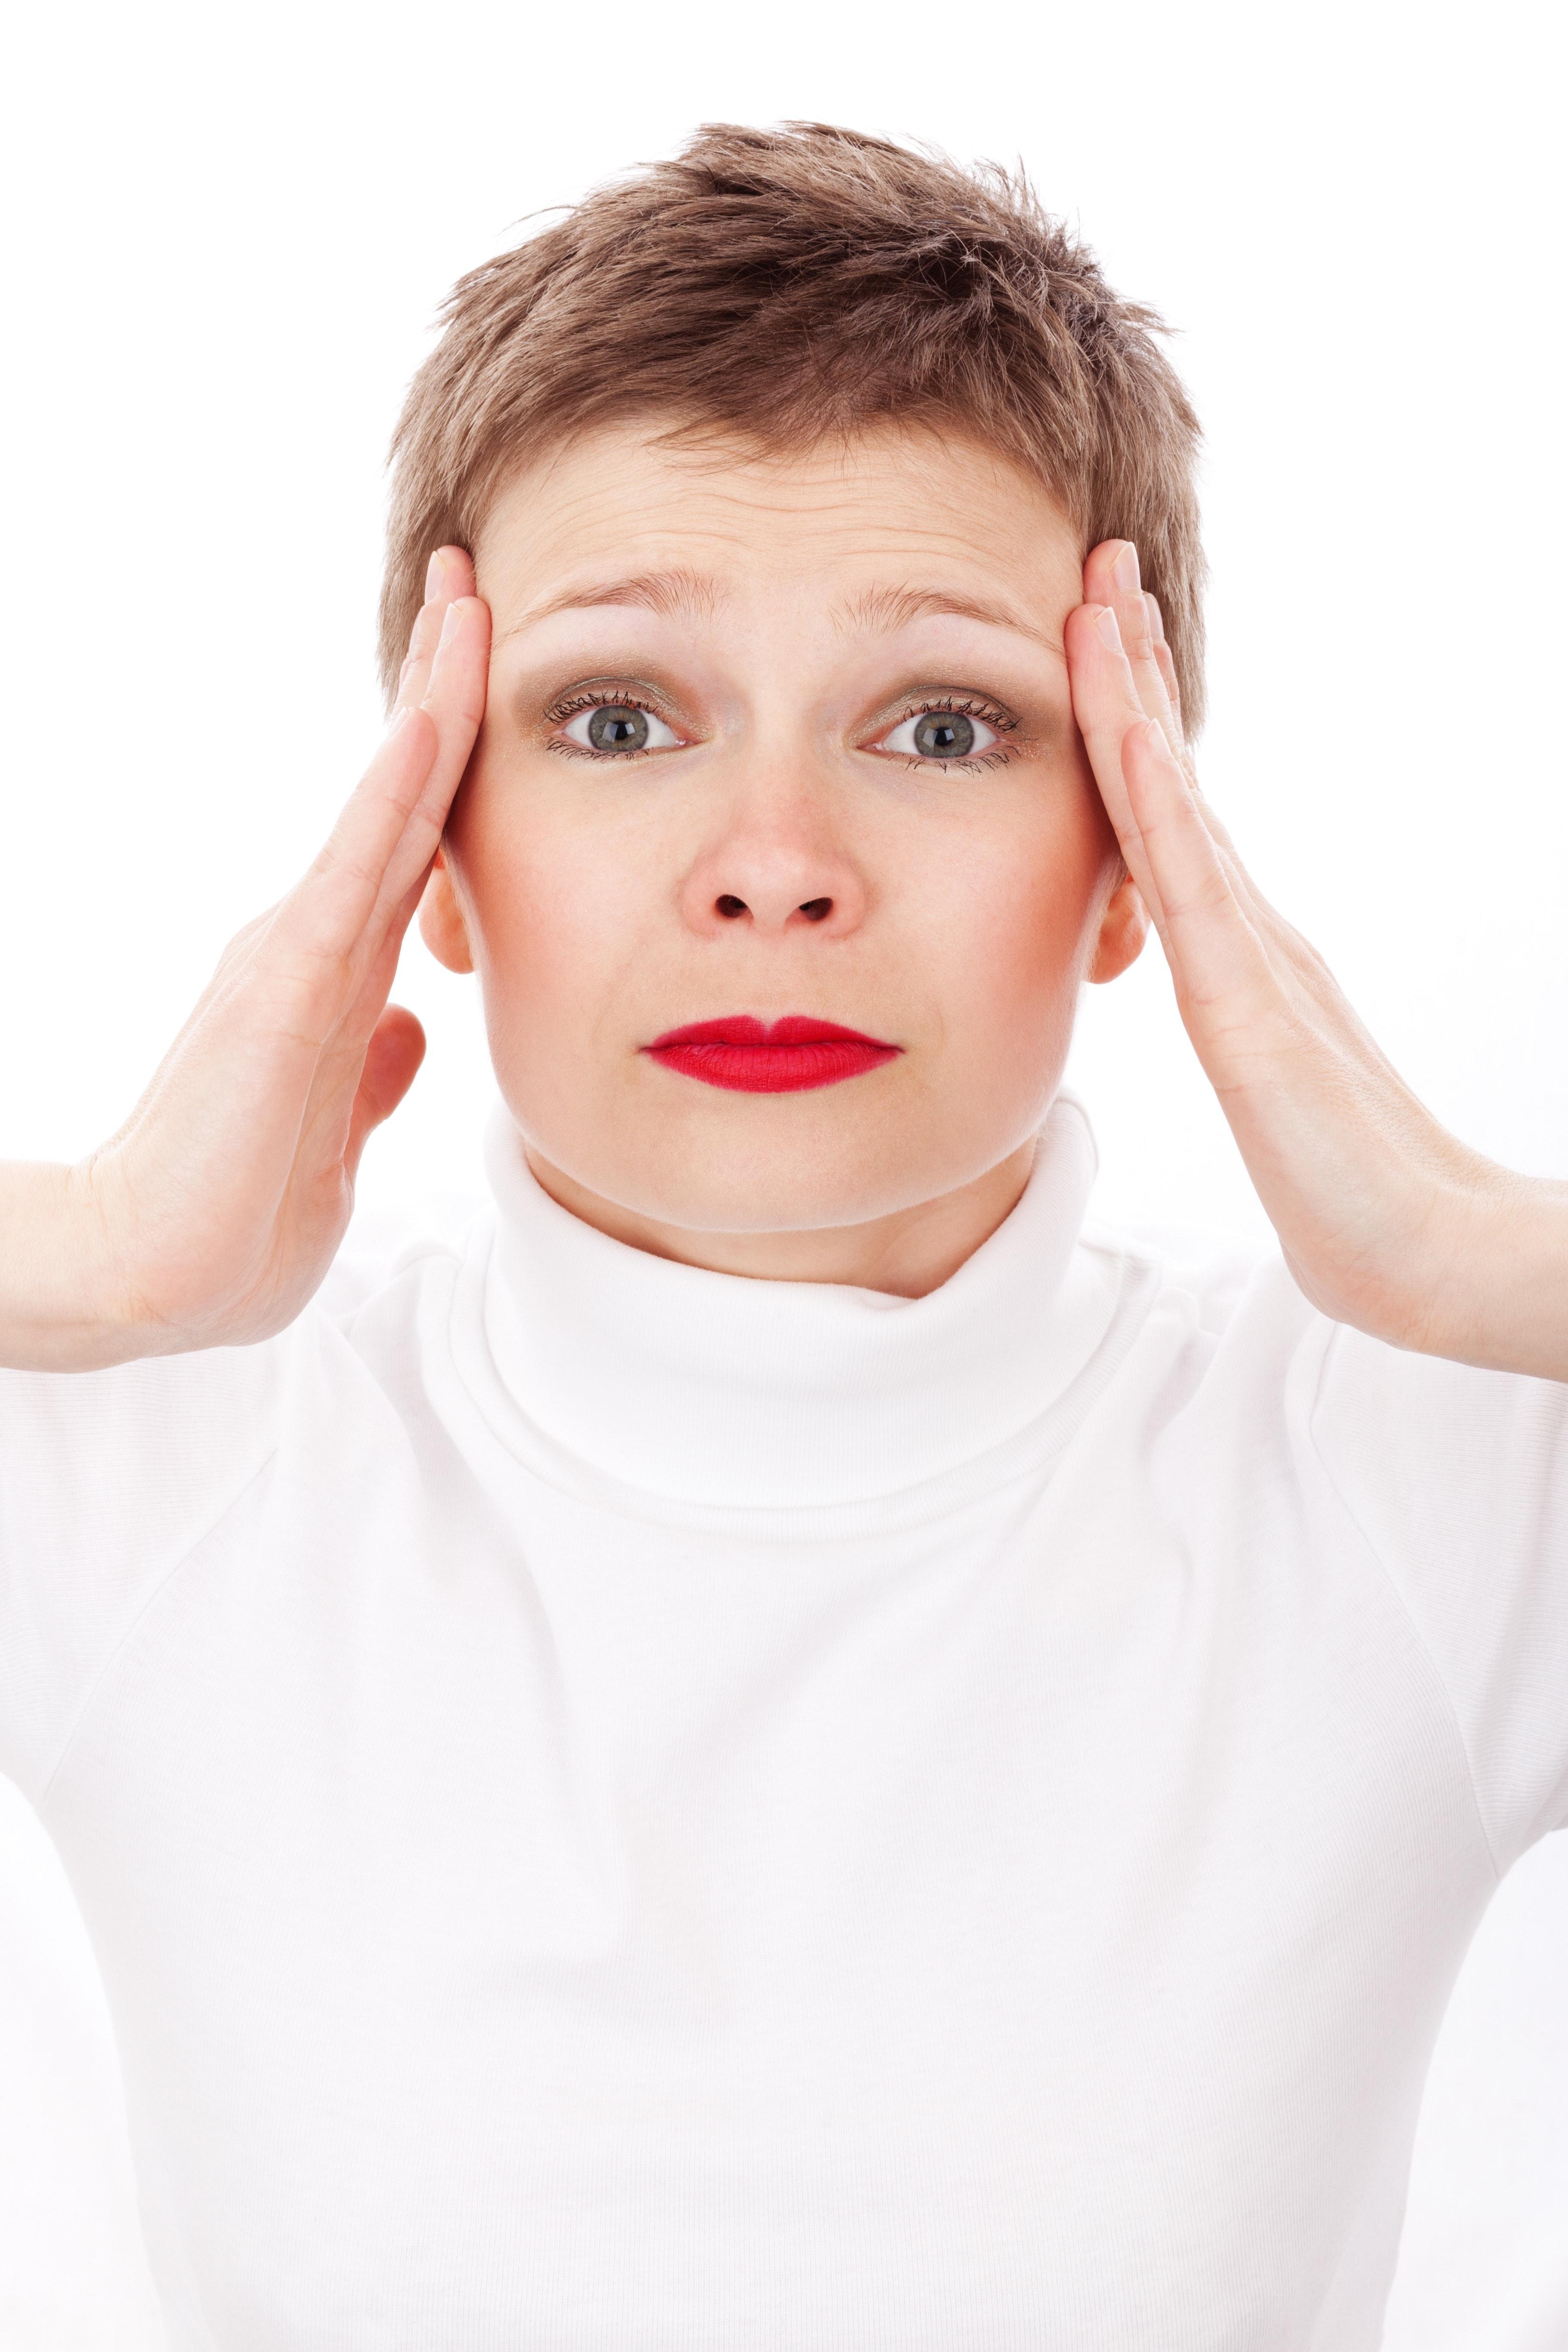 18 dores físicas causadas por emoções